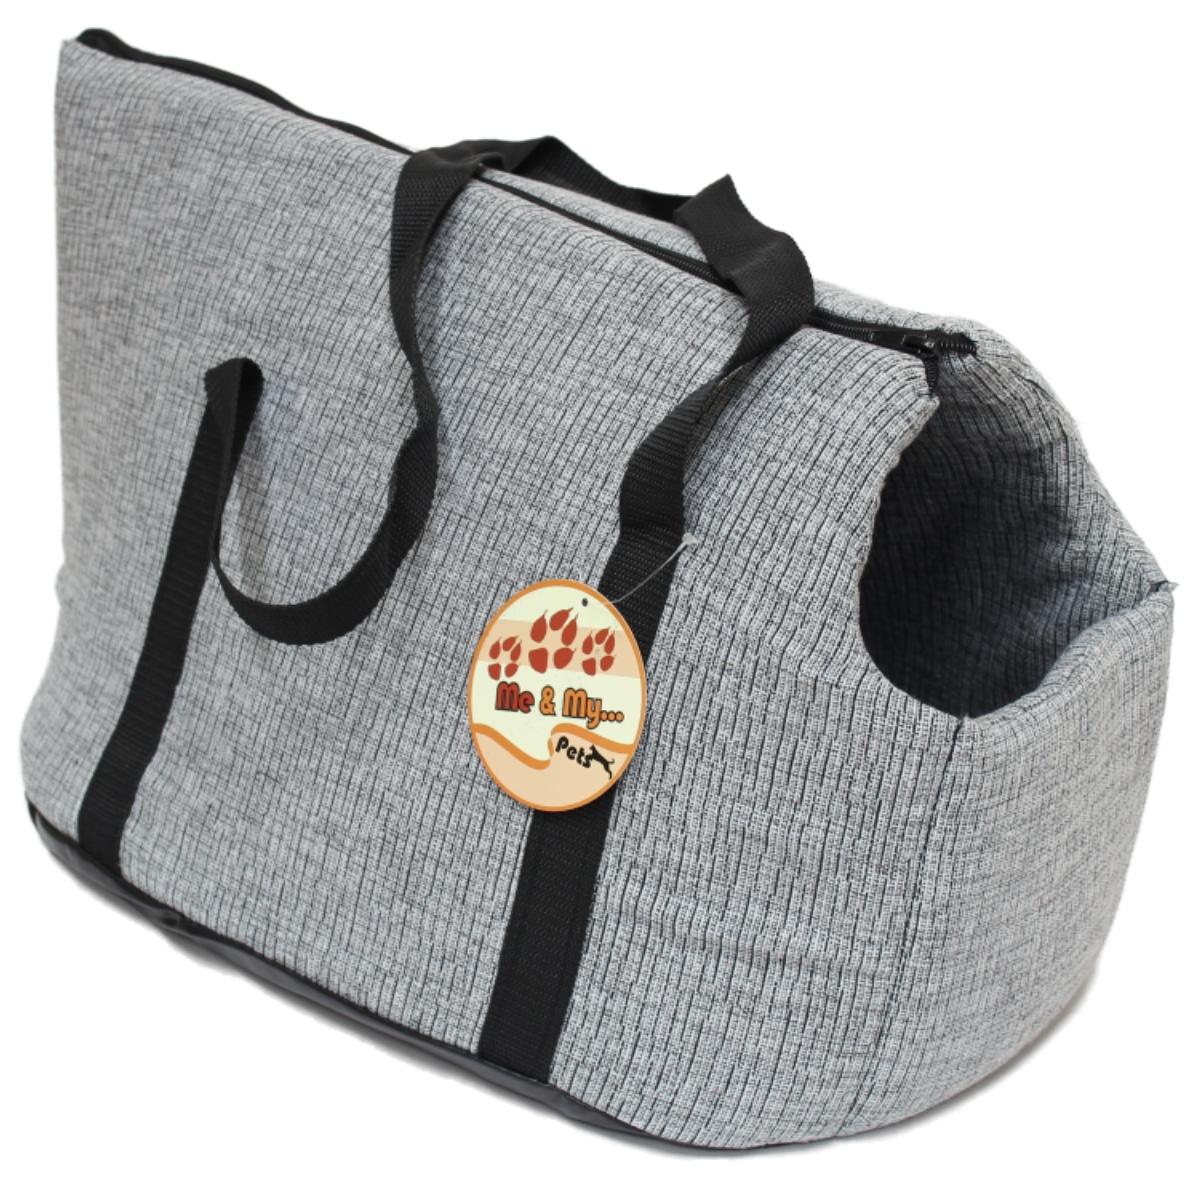 Pet Waste Bags, Dog Waste Bags, Bulk Poop Bags on a roll, Clean up poop bag refills + FREE Bone Dispenser Product - Pet Waste Bags, Dog Waste Bags, Bulk Poop Bags on a roll, Clean up poop bag refills + FREE Bone Dispenser.